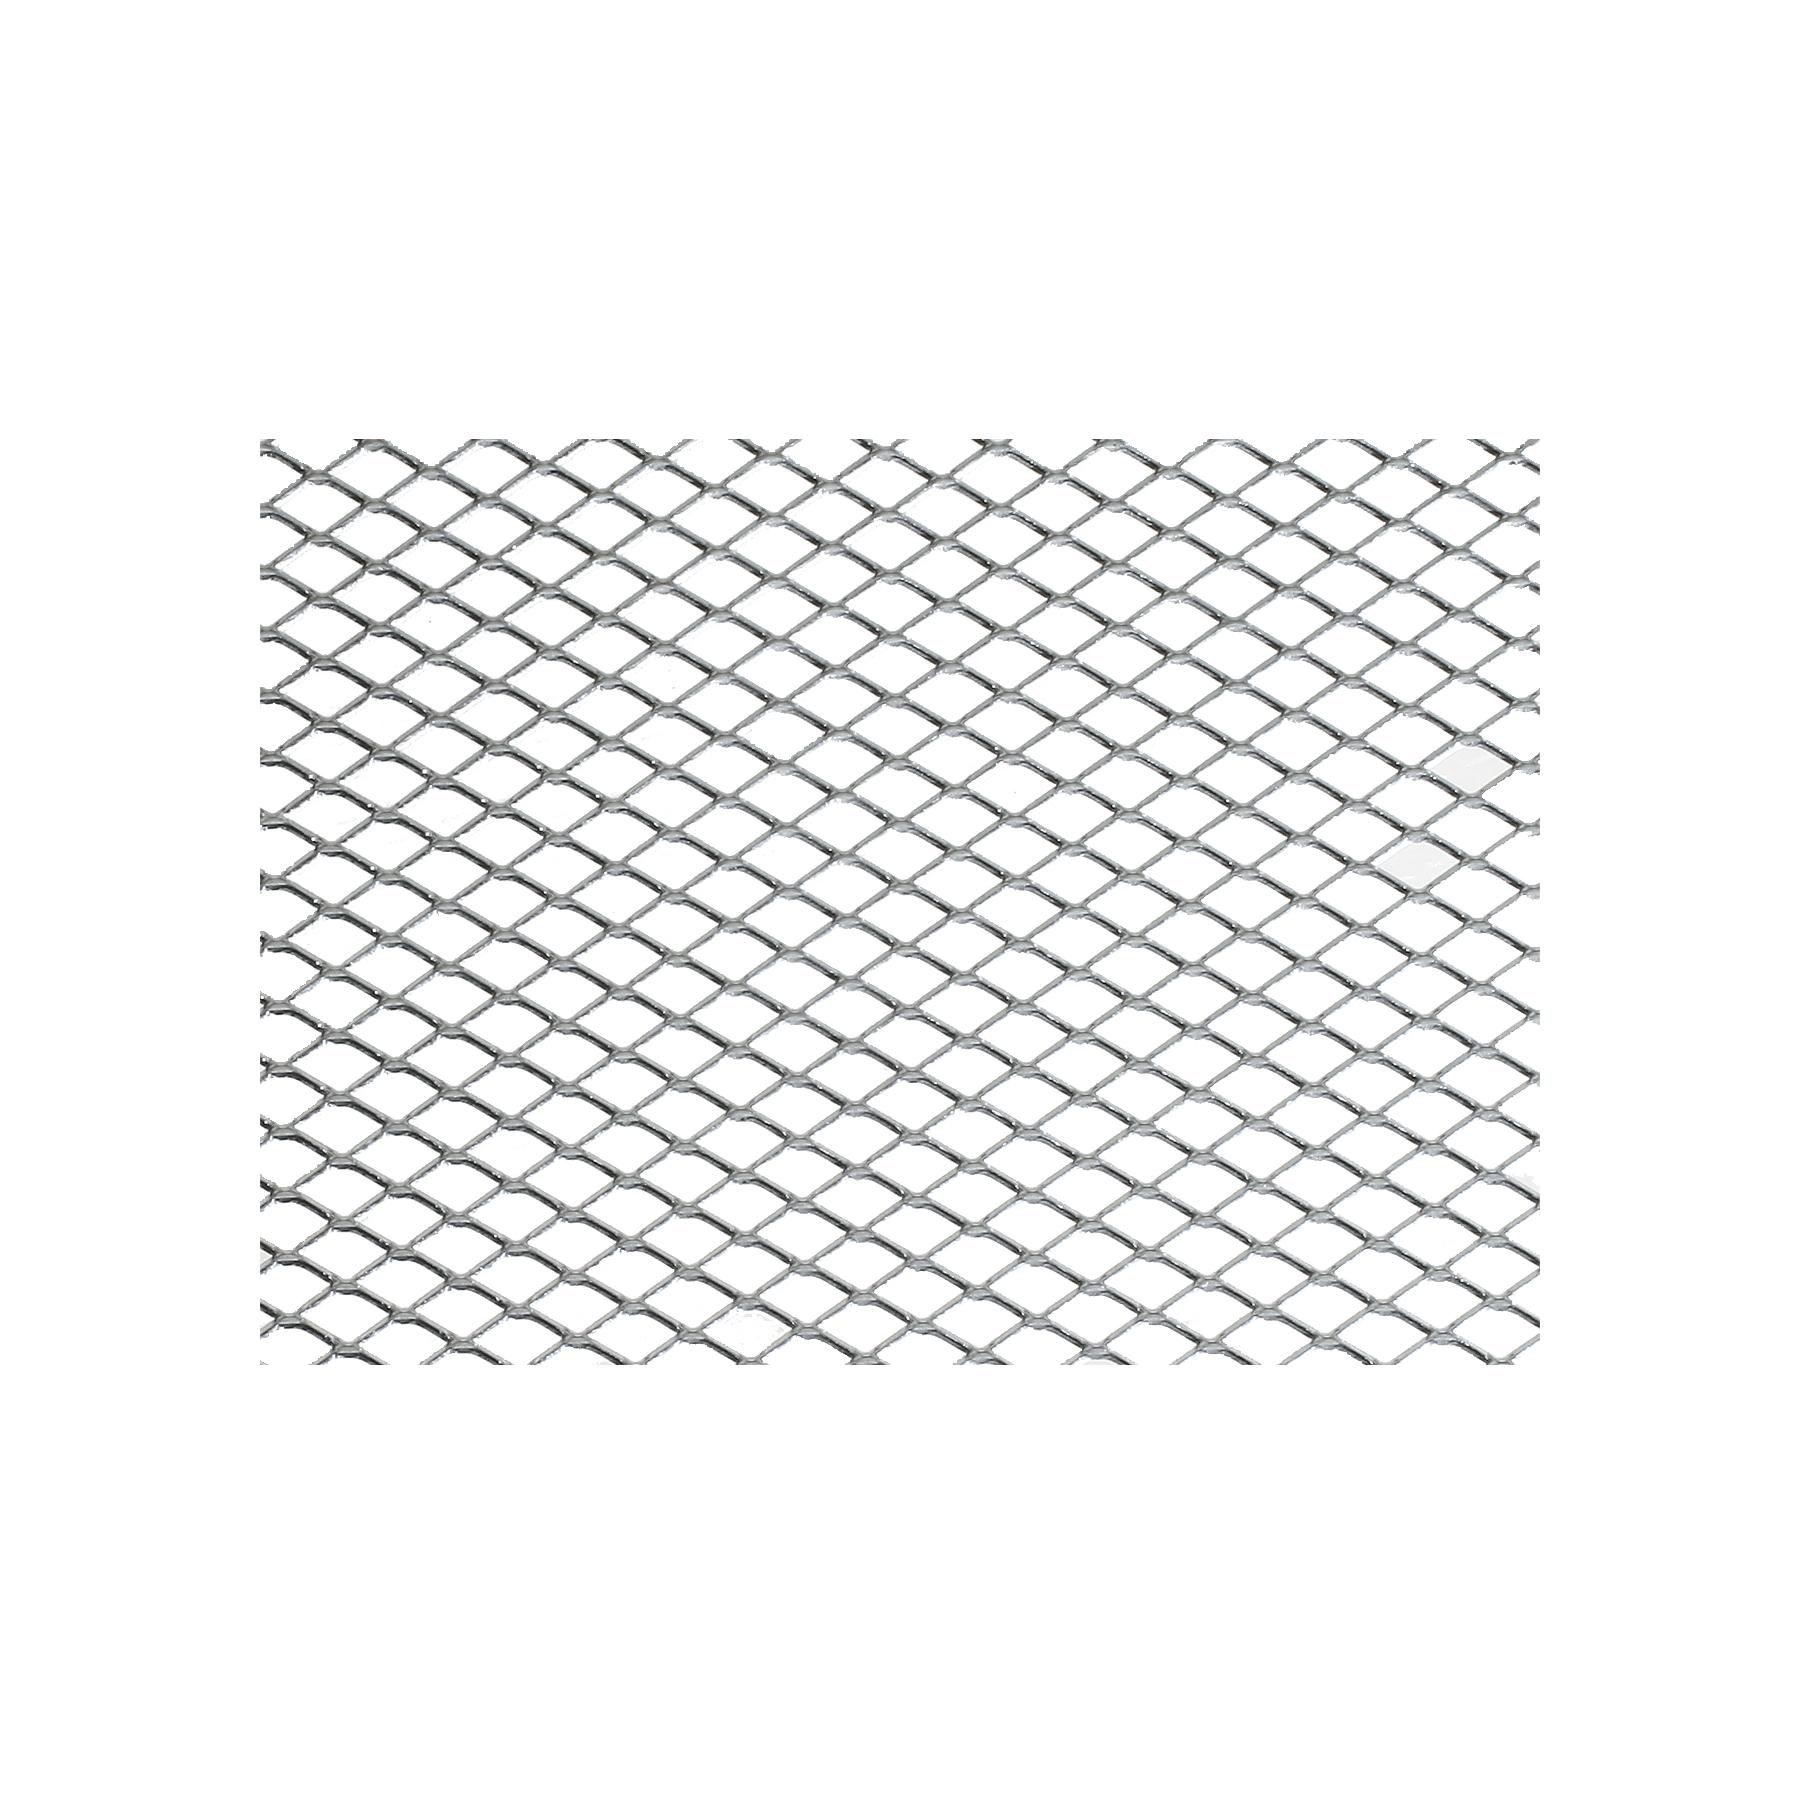 Chapa alum nio 500x400mm com furos 10x5 5mm expandida - Chapa aluminio leroy merlin ...